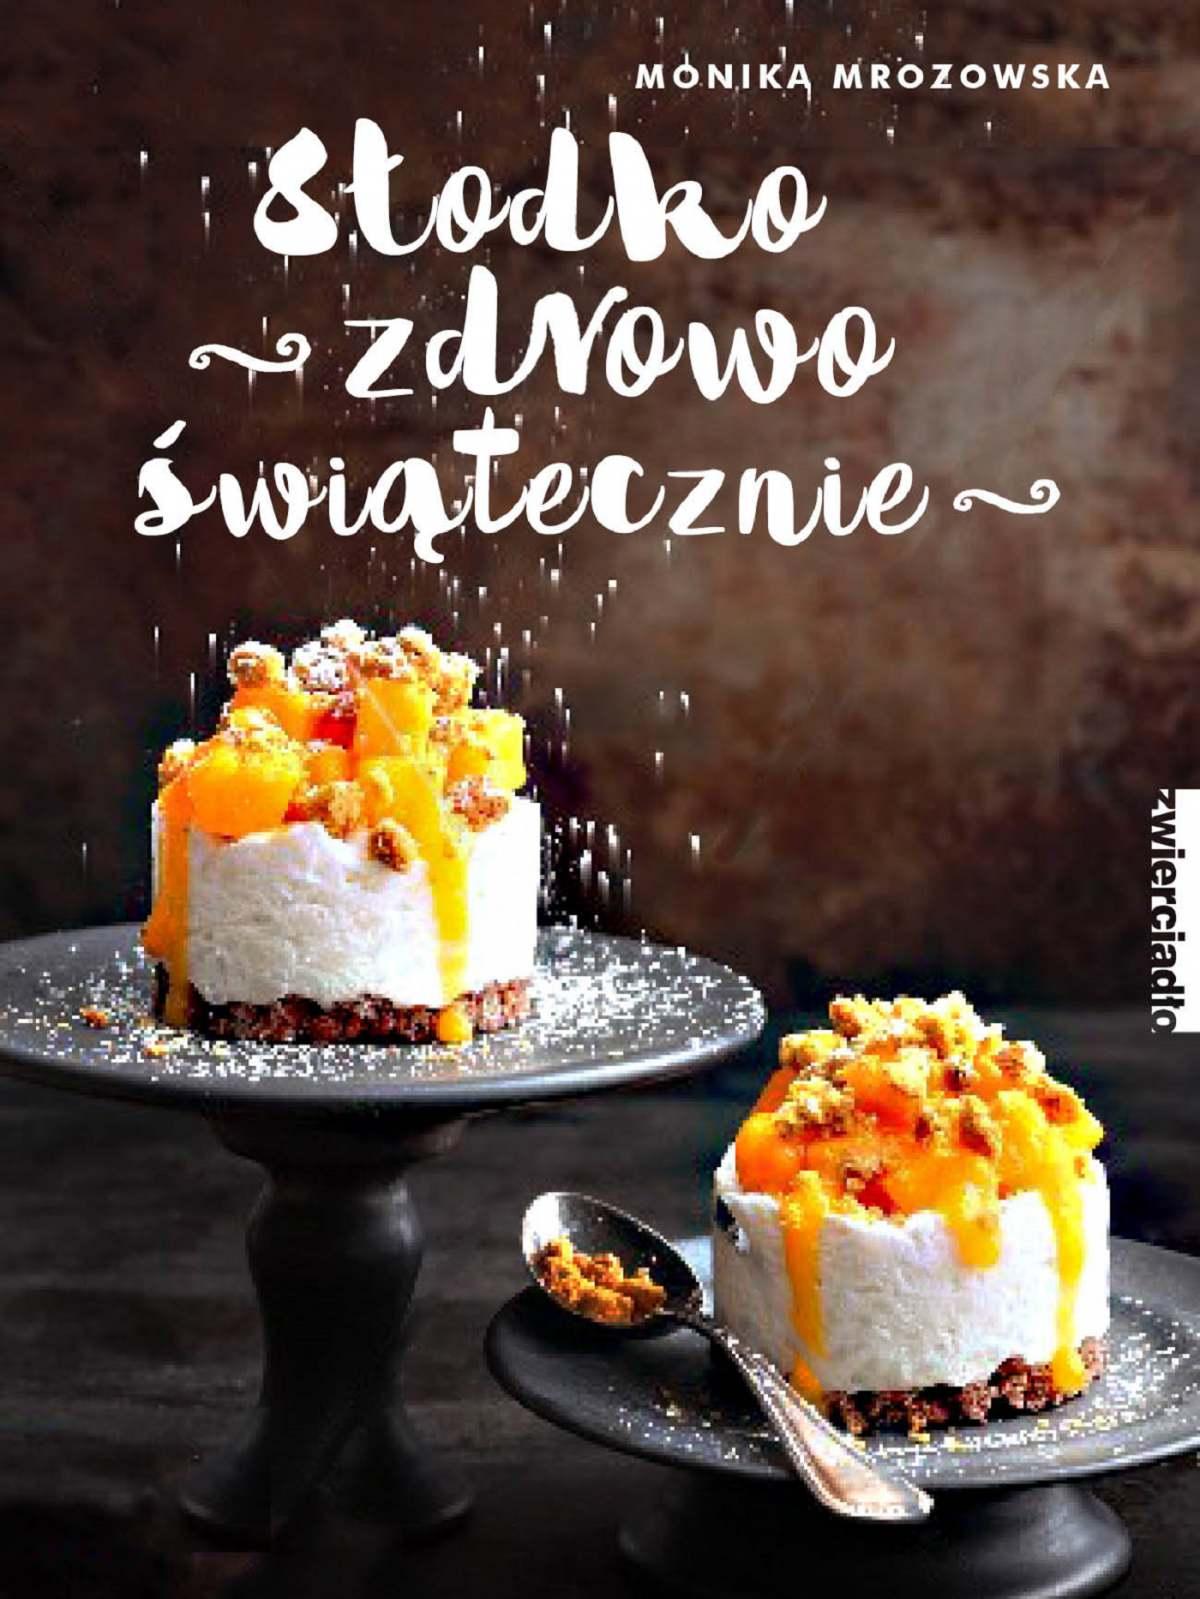 Słodko, zdrowo, świątecznie - Ebook (Książka na Kindle) do pobrania w formacie MOBI